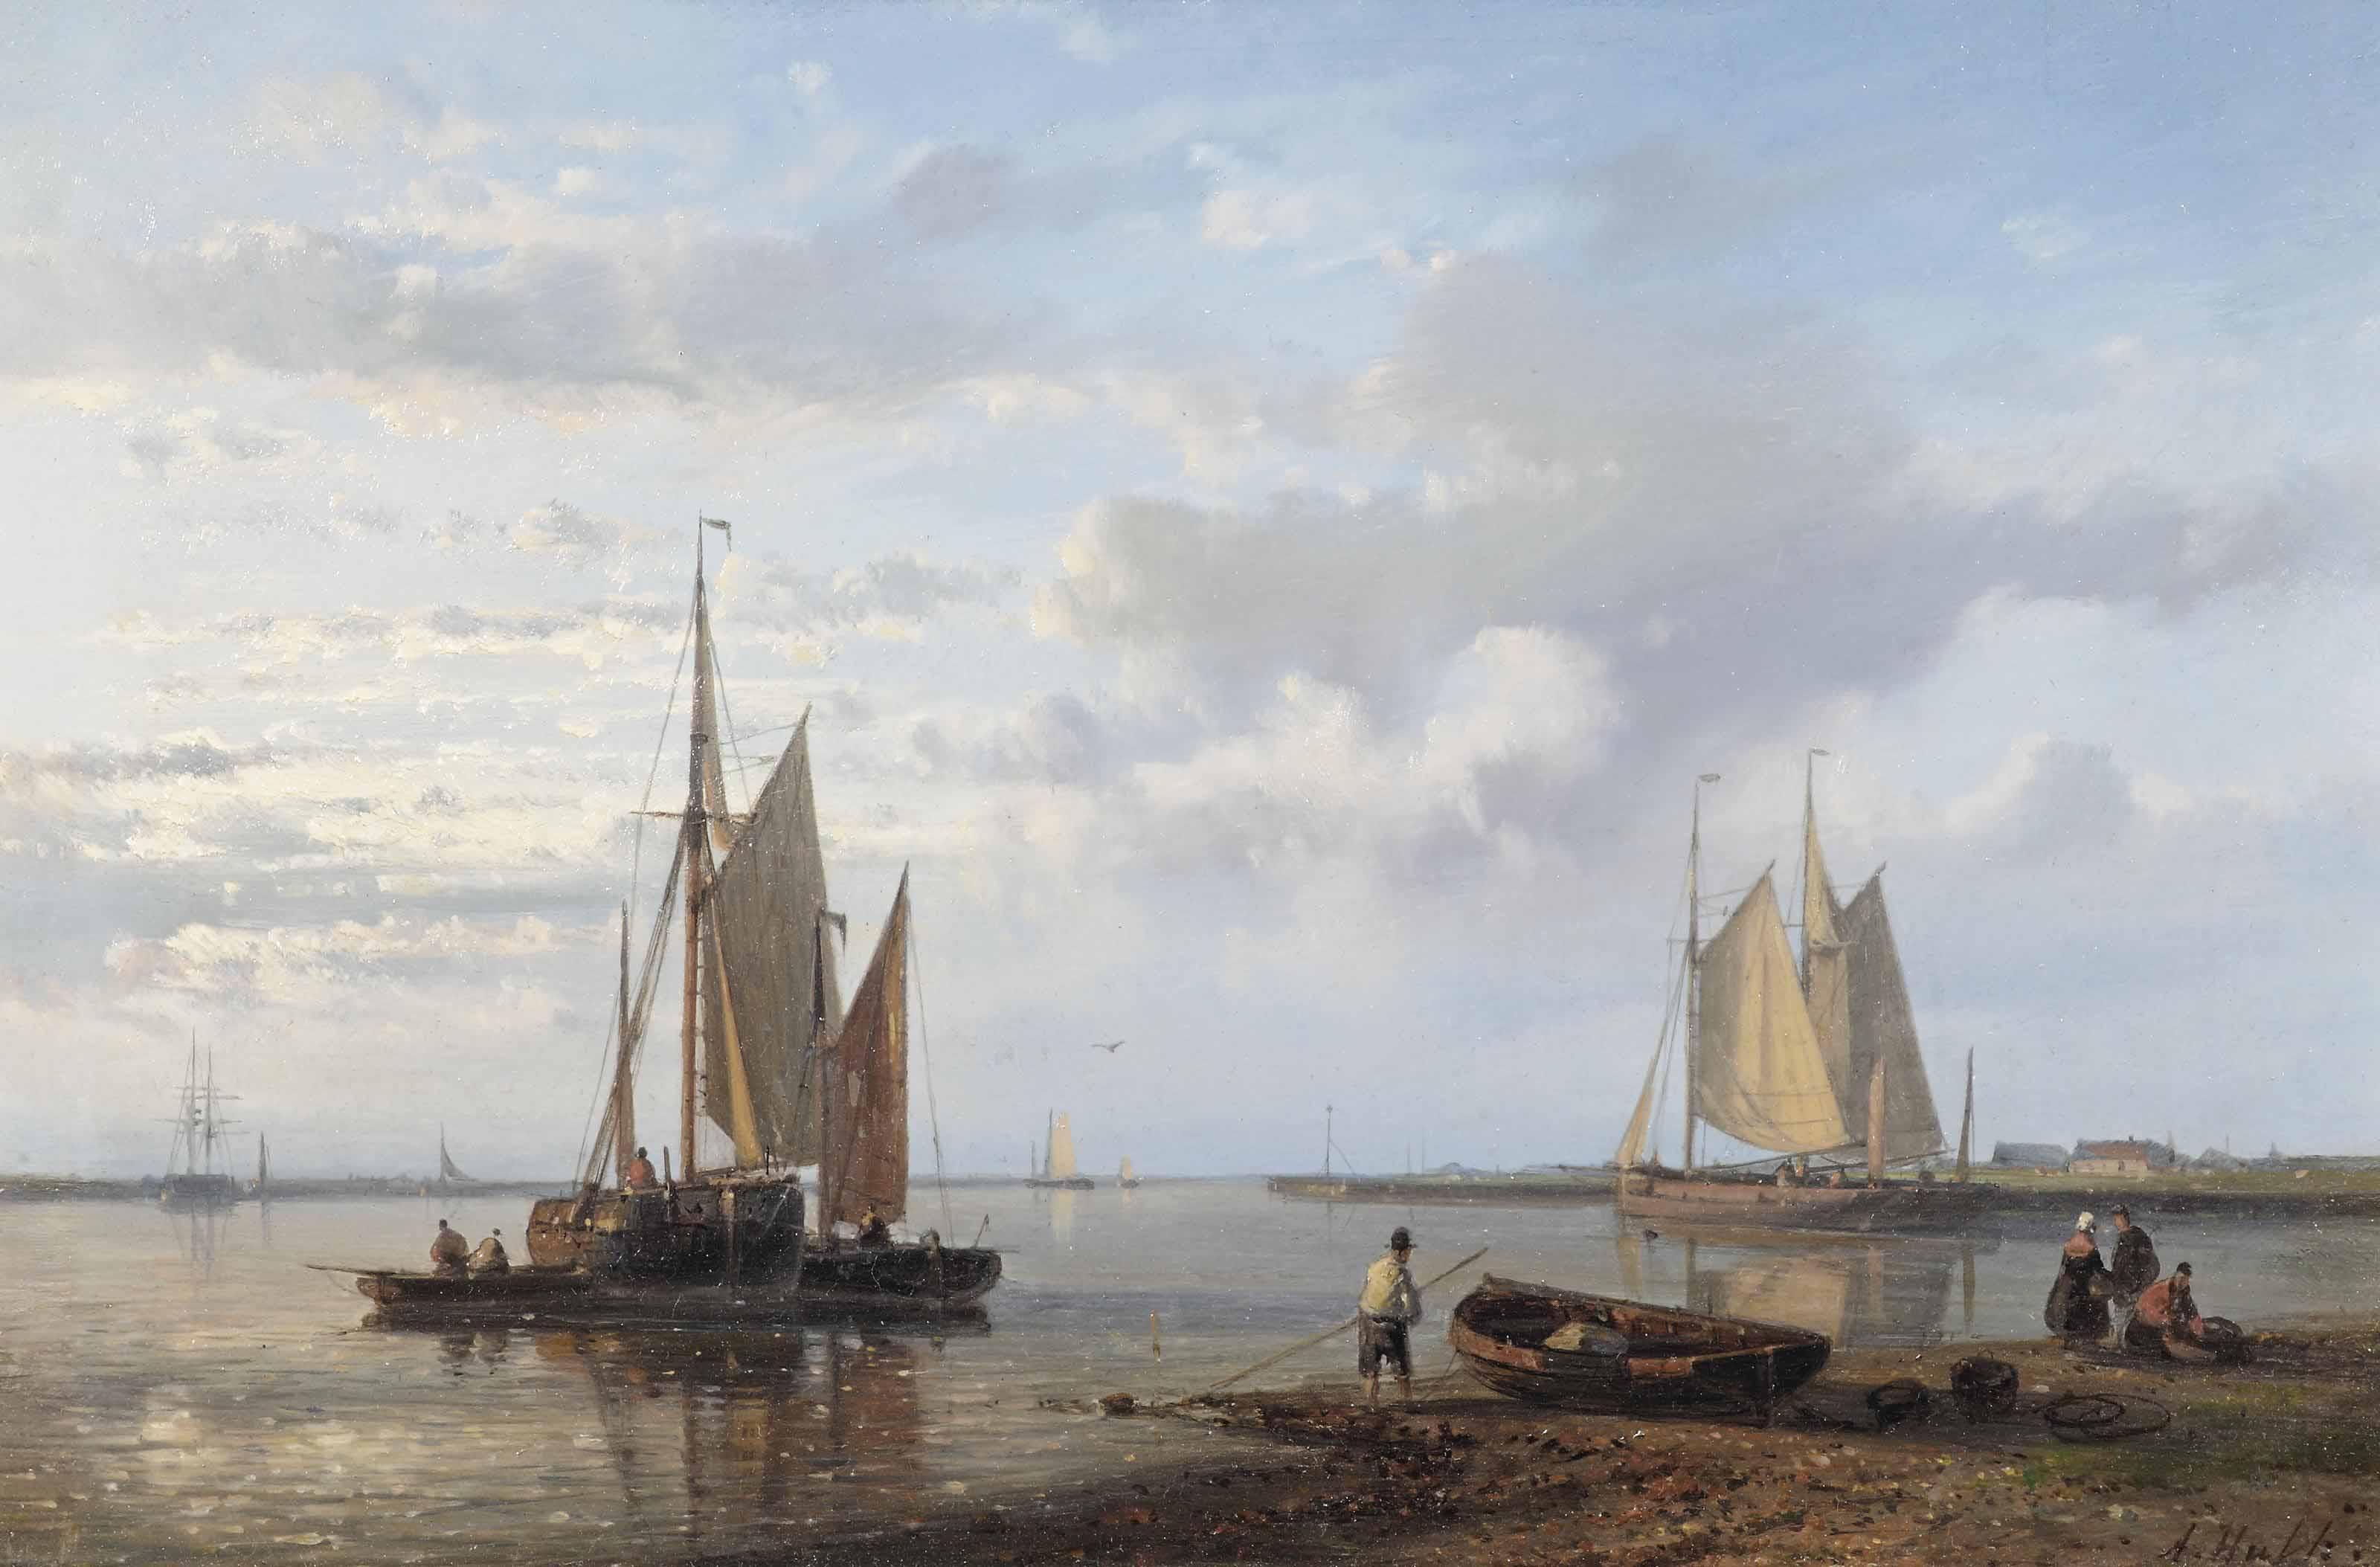 Sailing vessels in a tranquil Dutch estuary